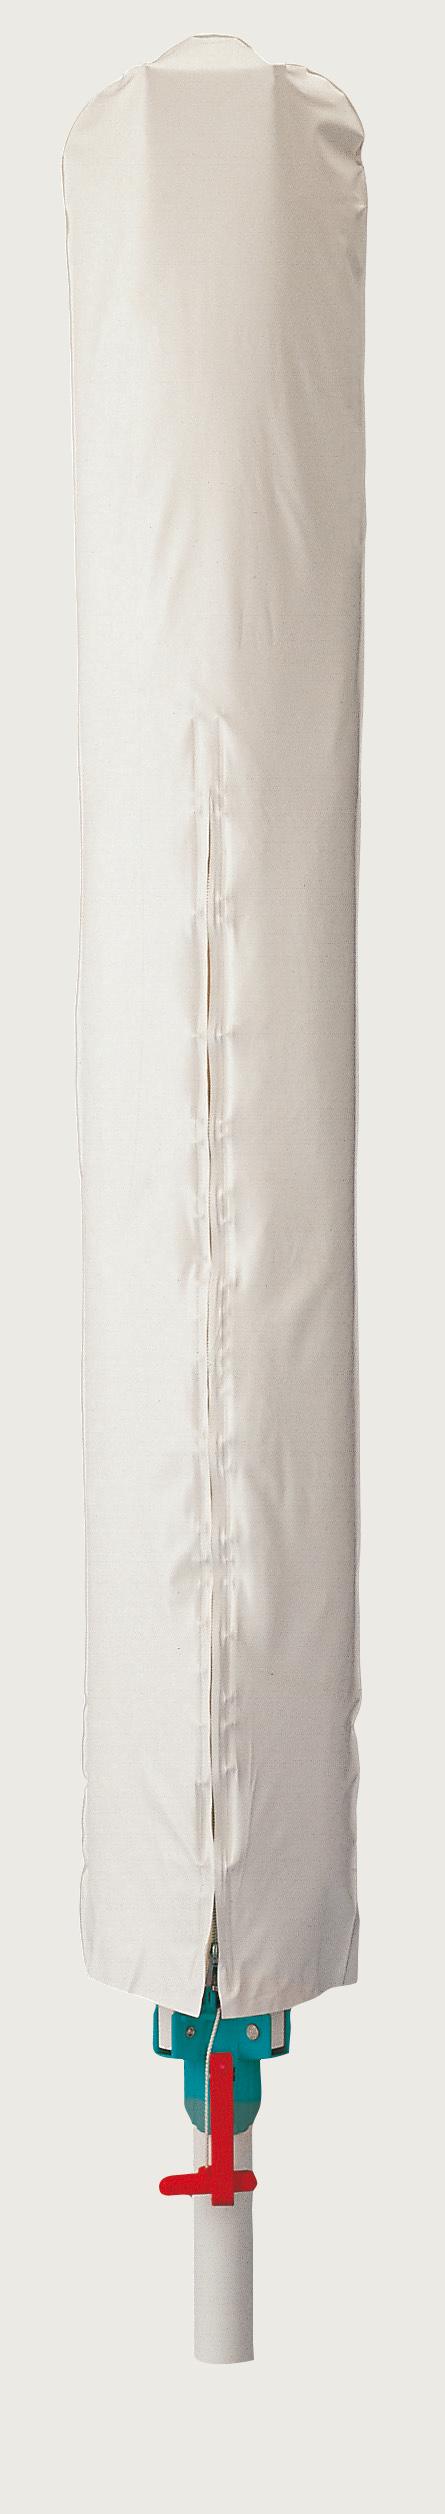 Blome Universal Schutzhülle Wäschespinne / Sonnenschirm 175x34cm weiß Bild 1